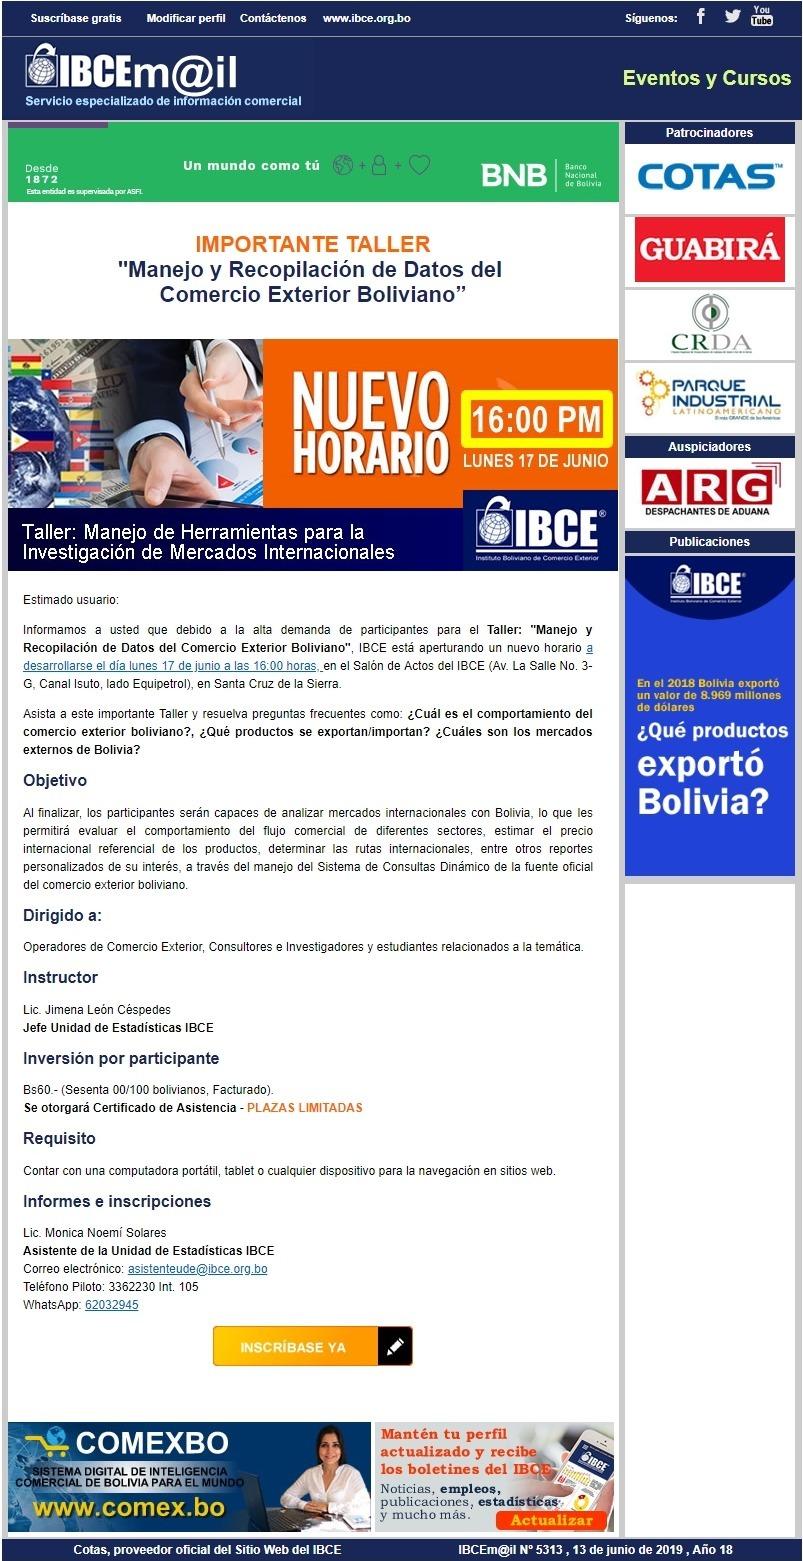 NUEVO HORARIO - Taller: